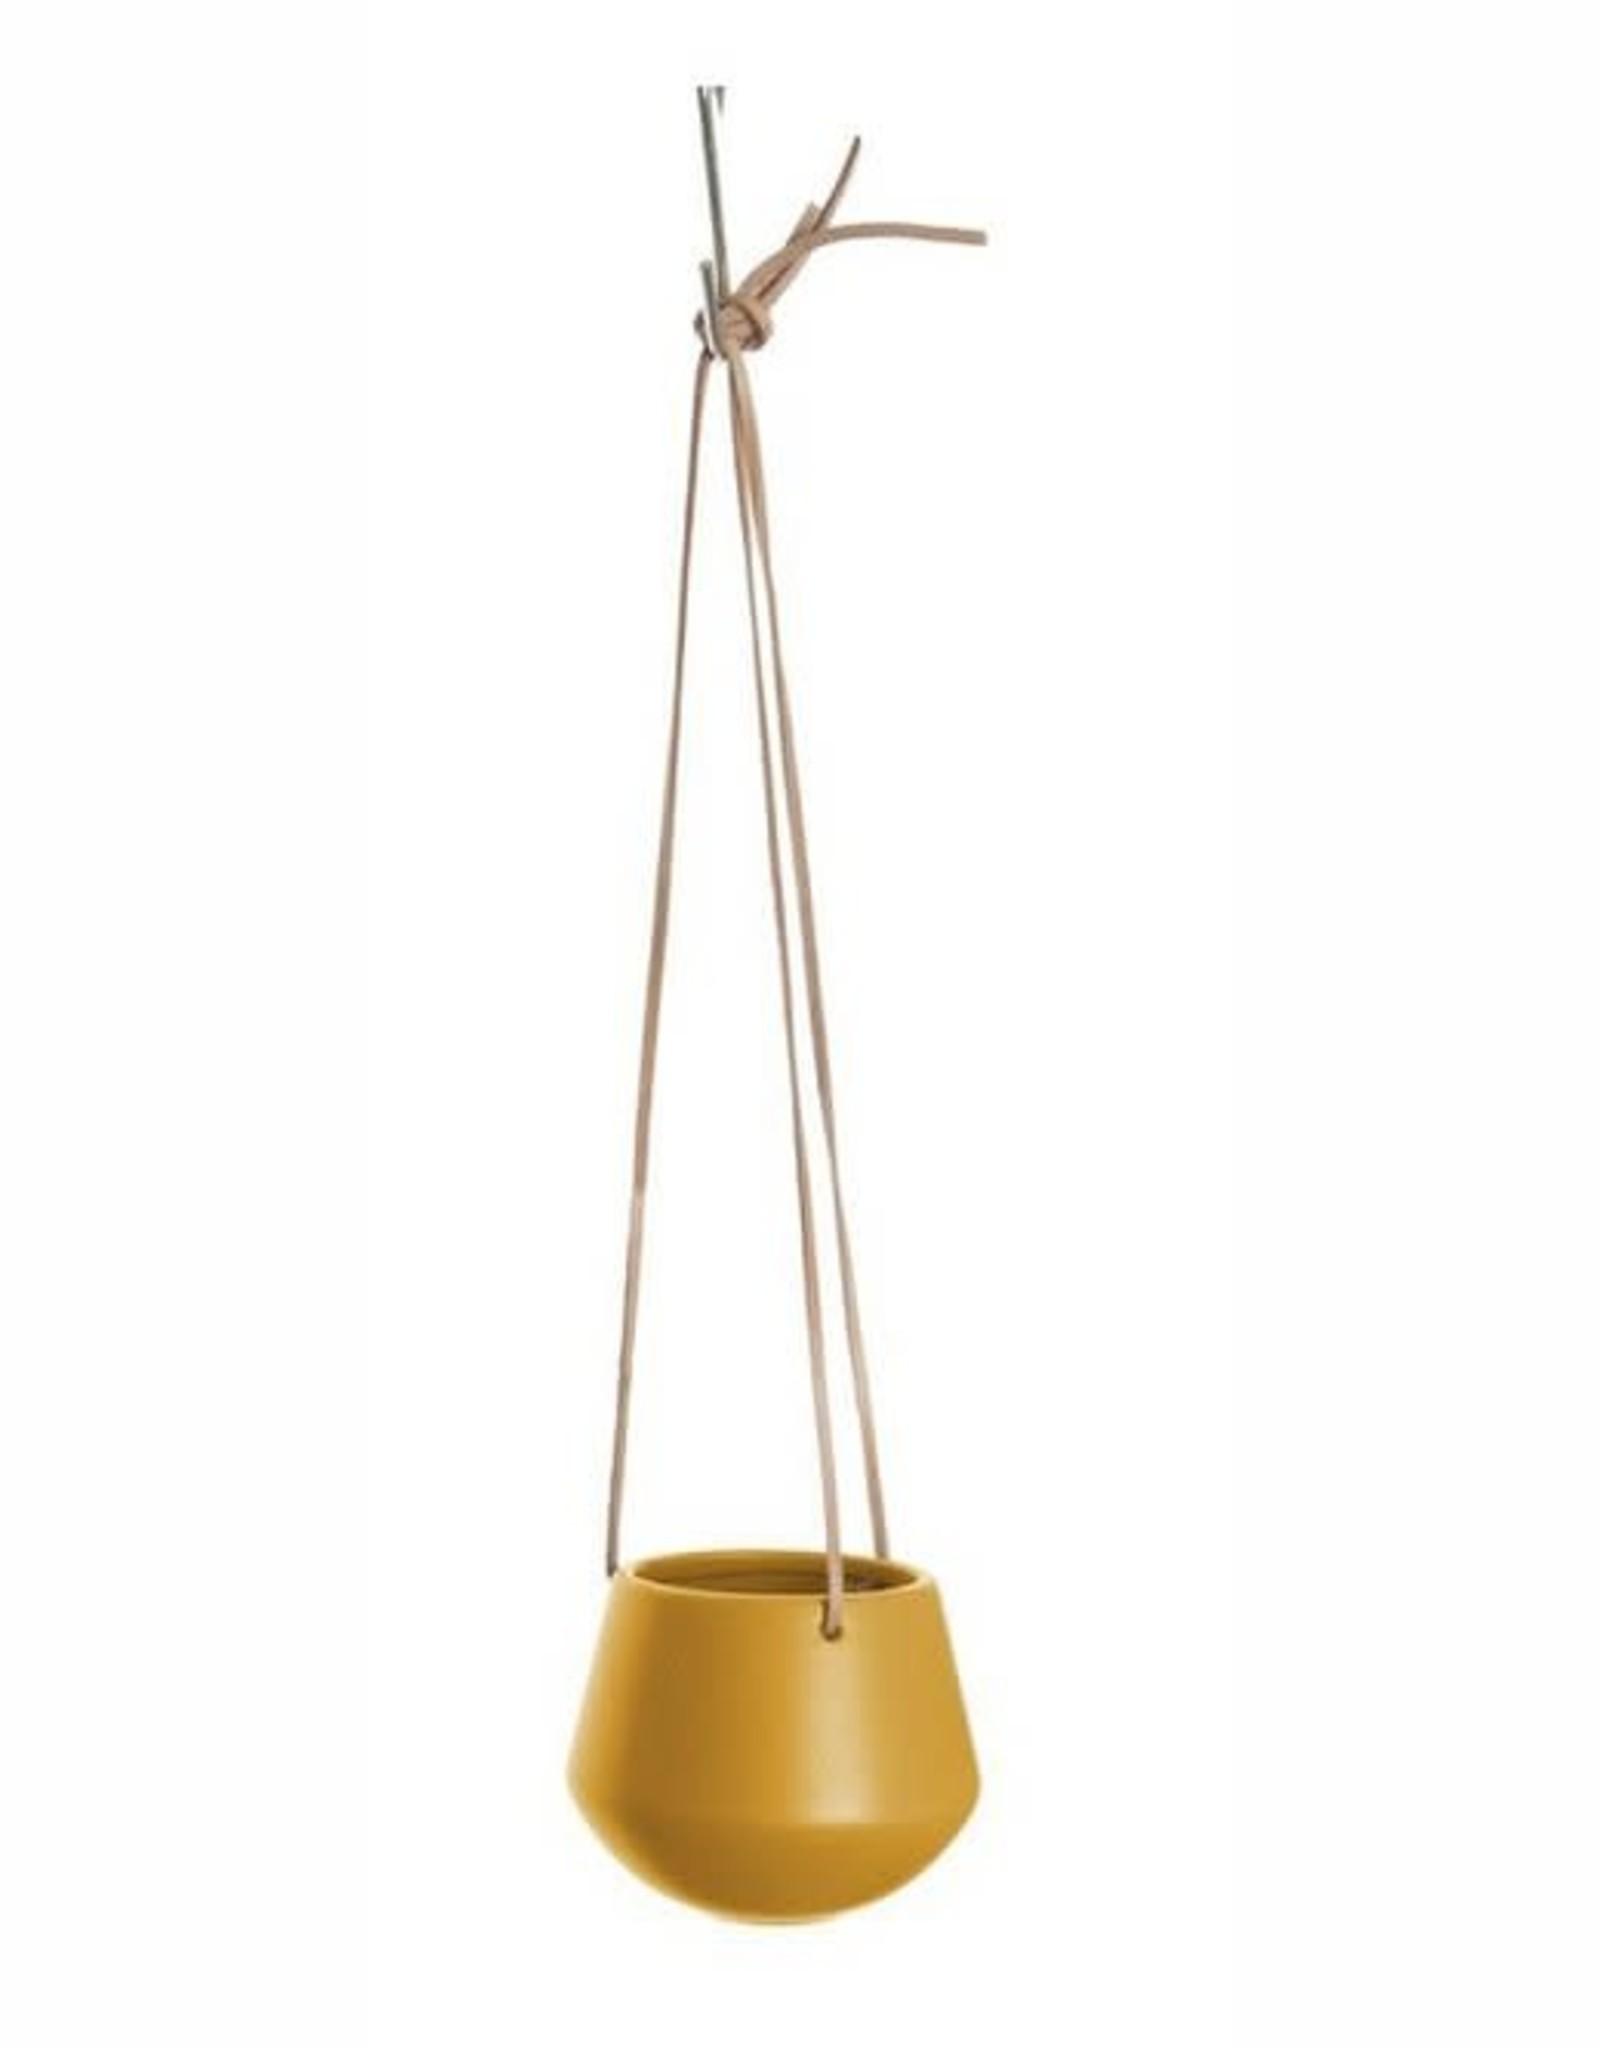 pt Skittle hangpot Ø9 cm, lengte 66 cm - Oker geel